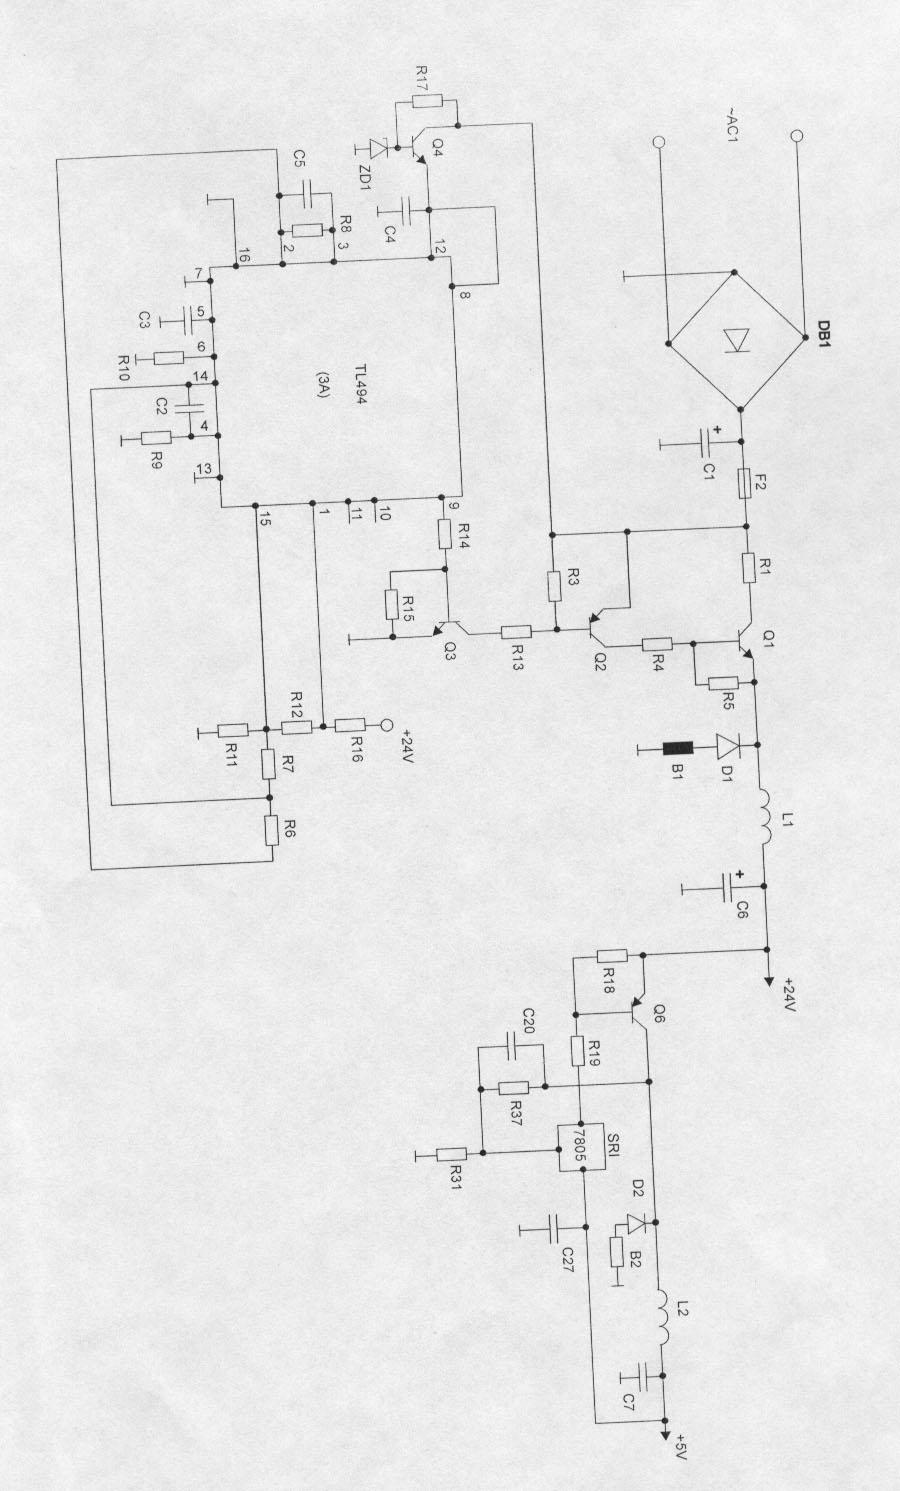 Принципиальная электрическая схема сварочного полуавтомата 856